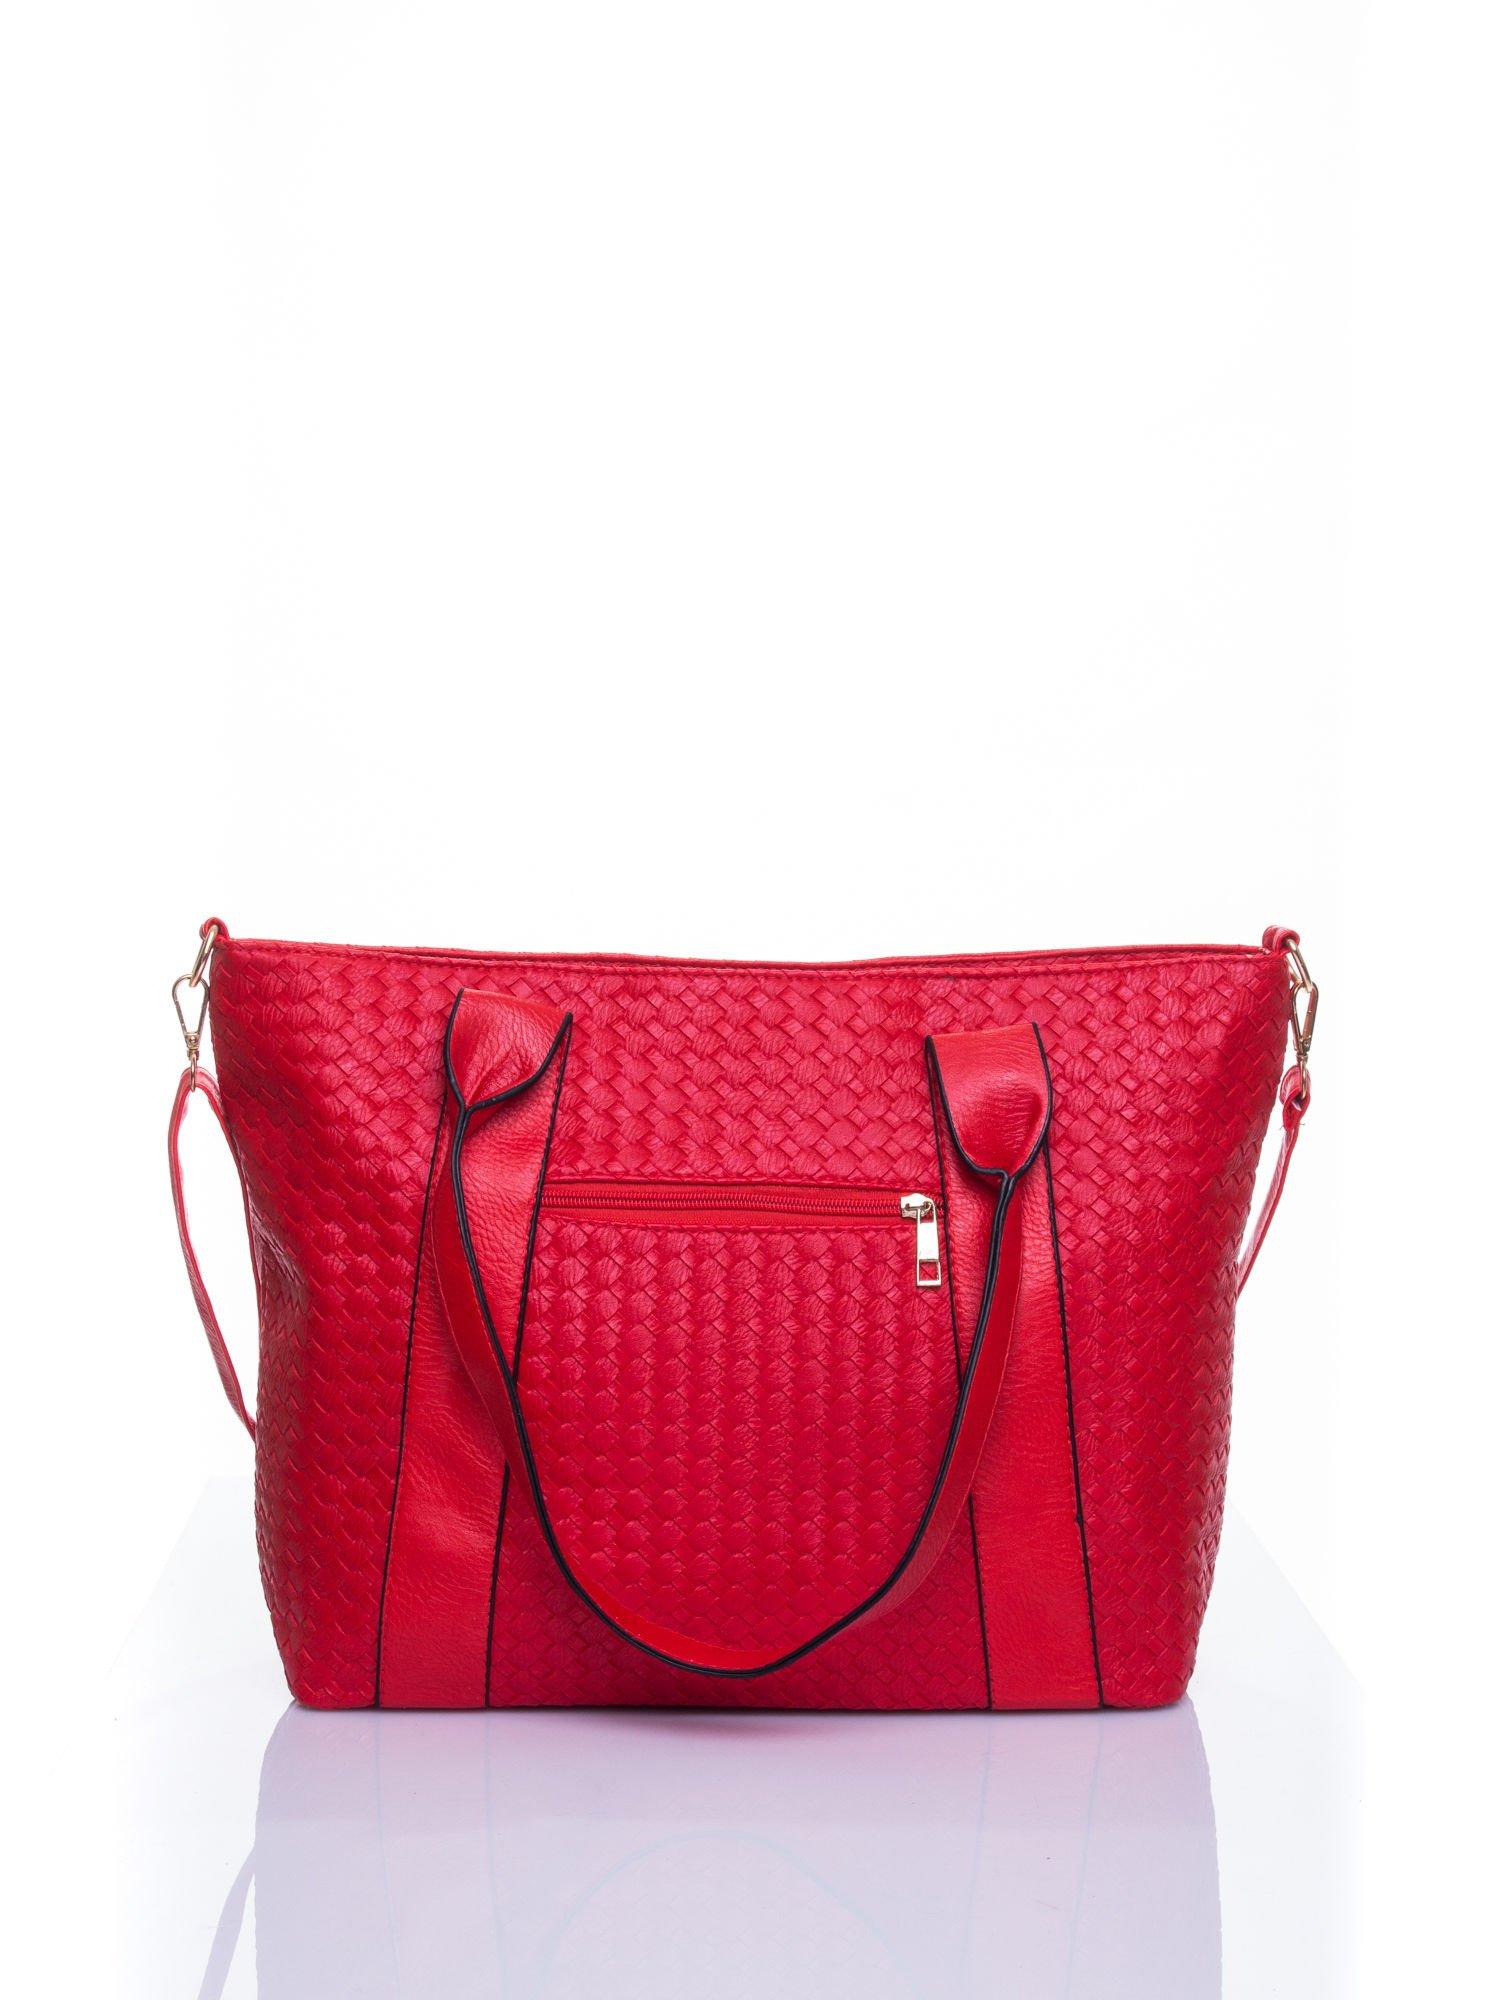 Czerwona pleciona torebka z suwakami                                  zdj.                                  3